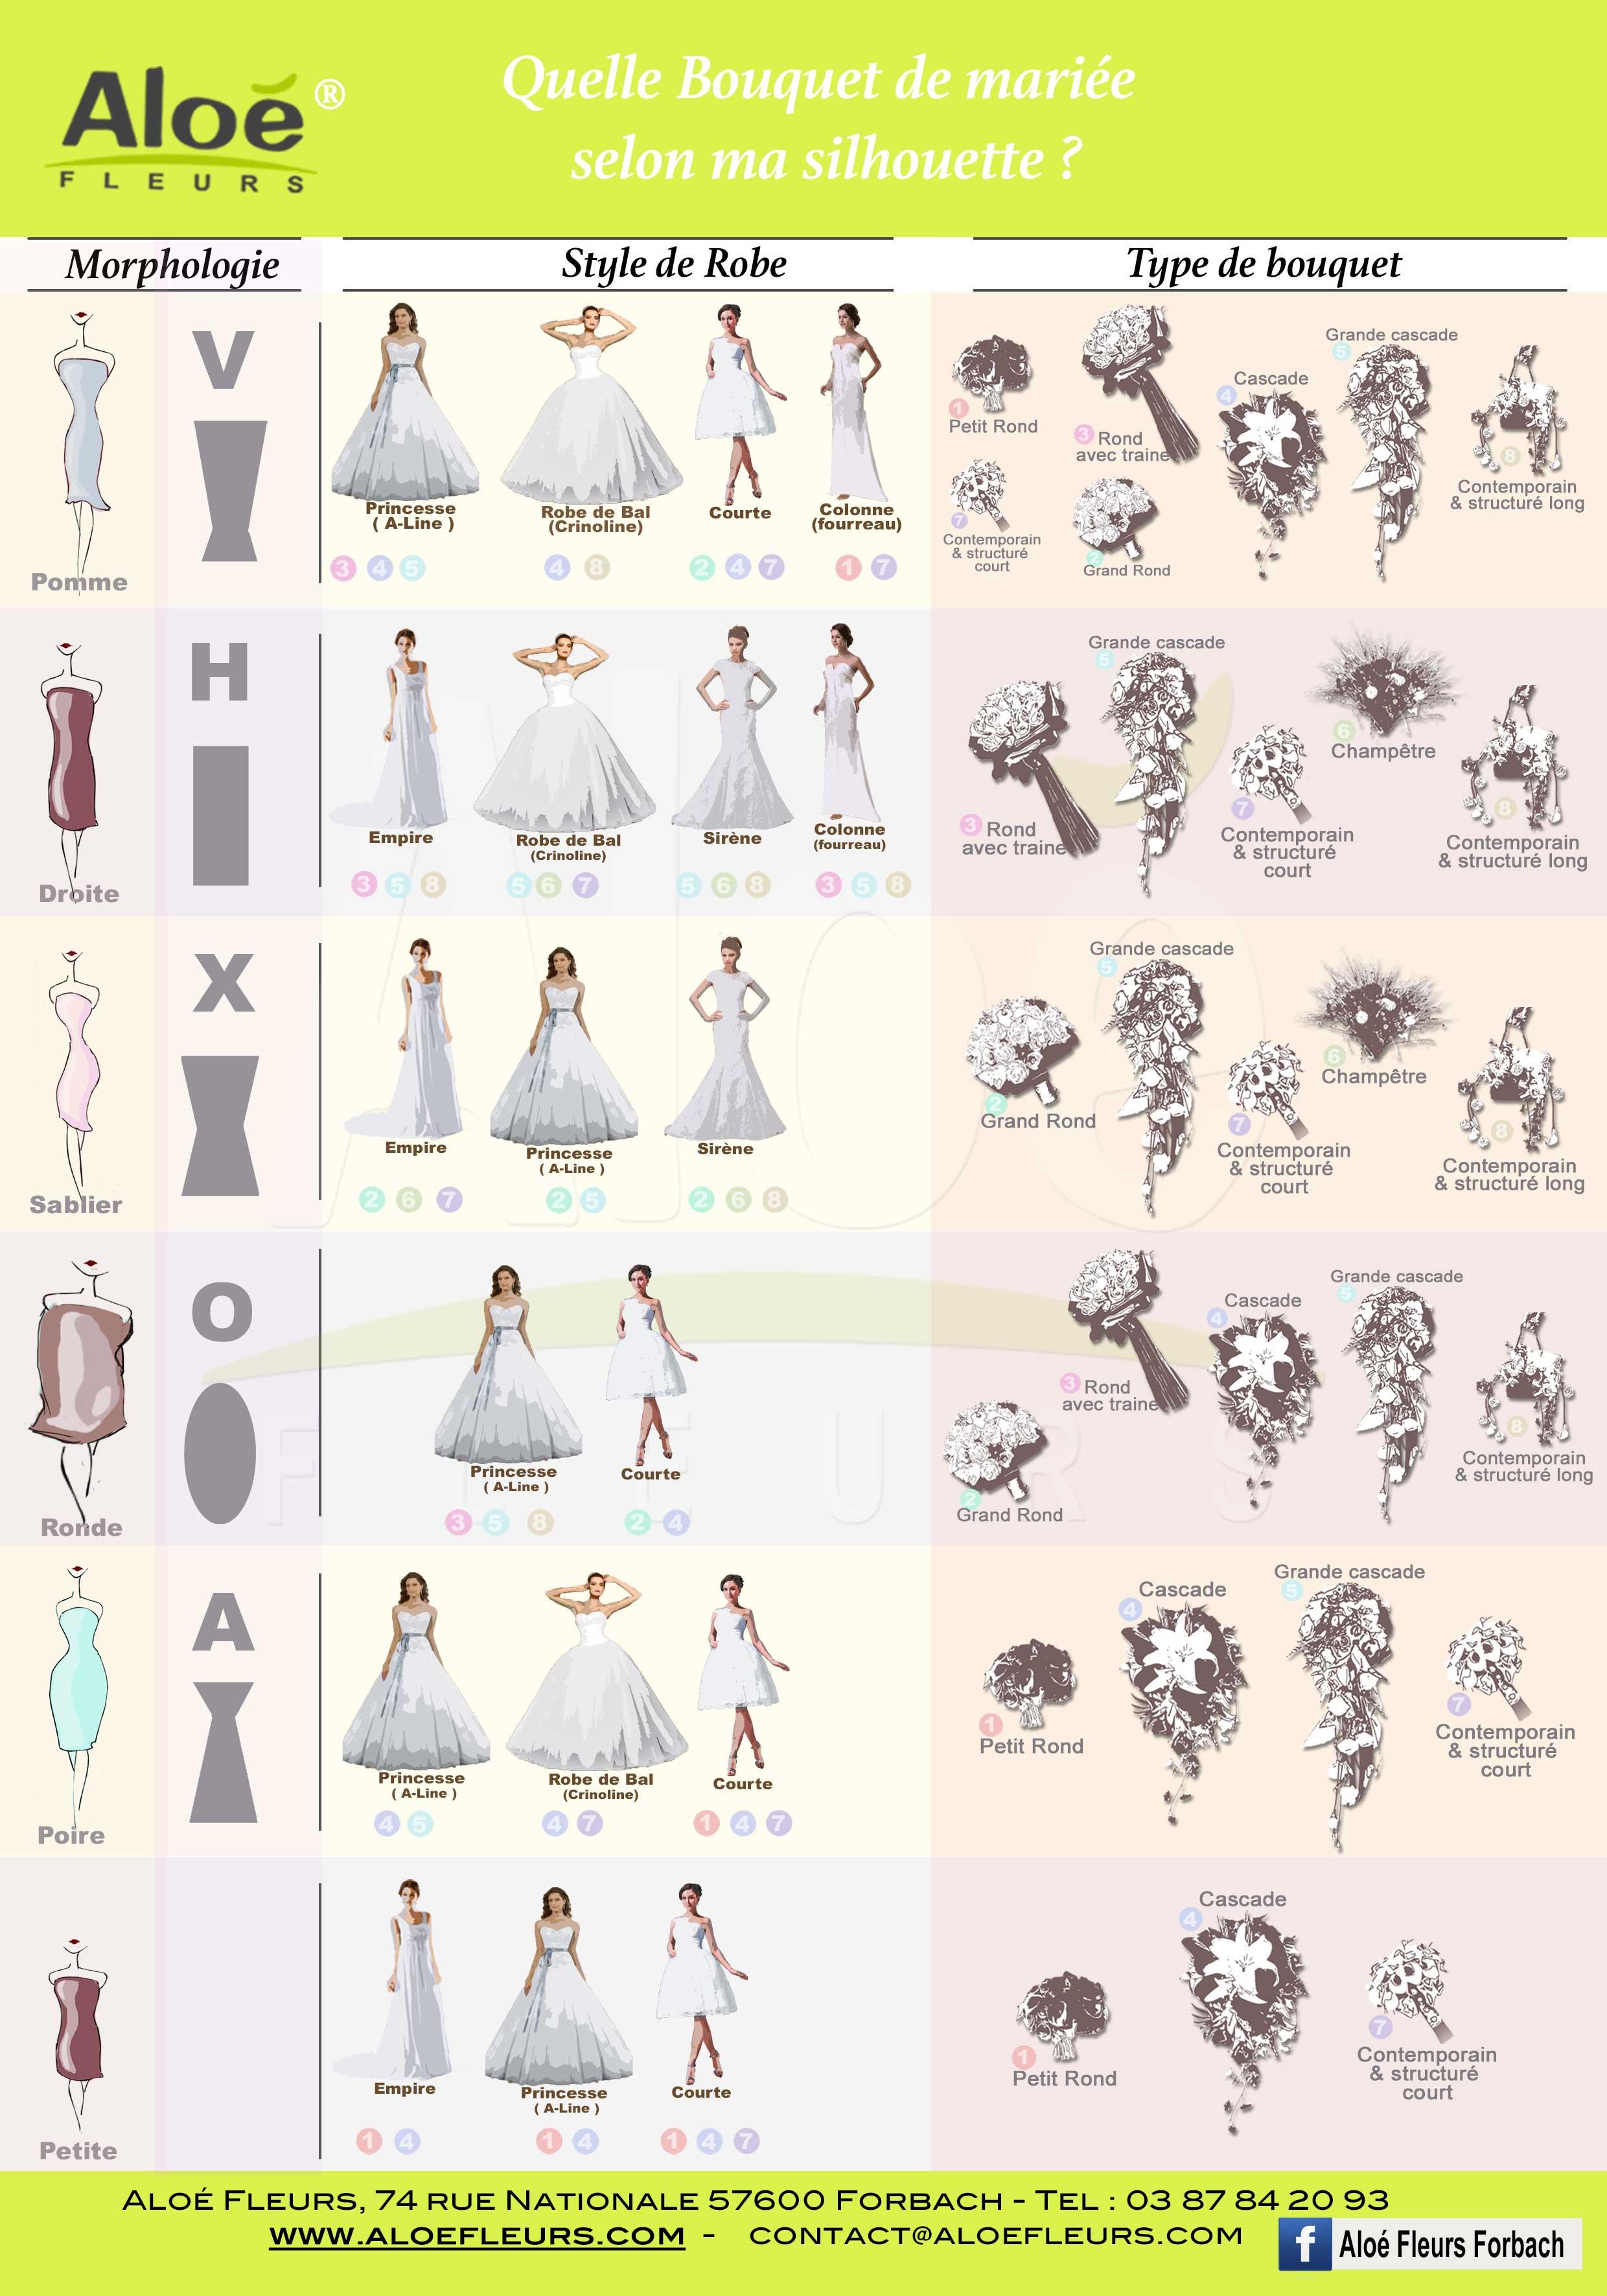 Choisir son bouquet de mariée selon sa robe et sa morphologie